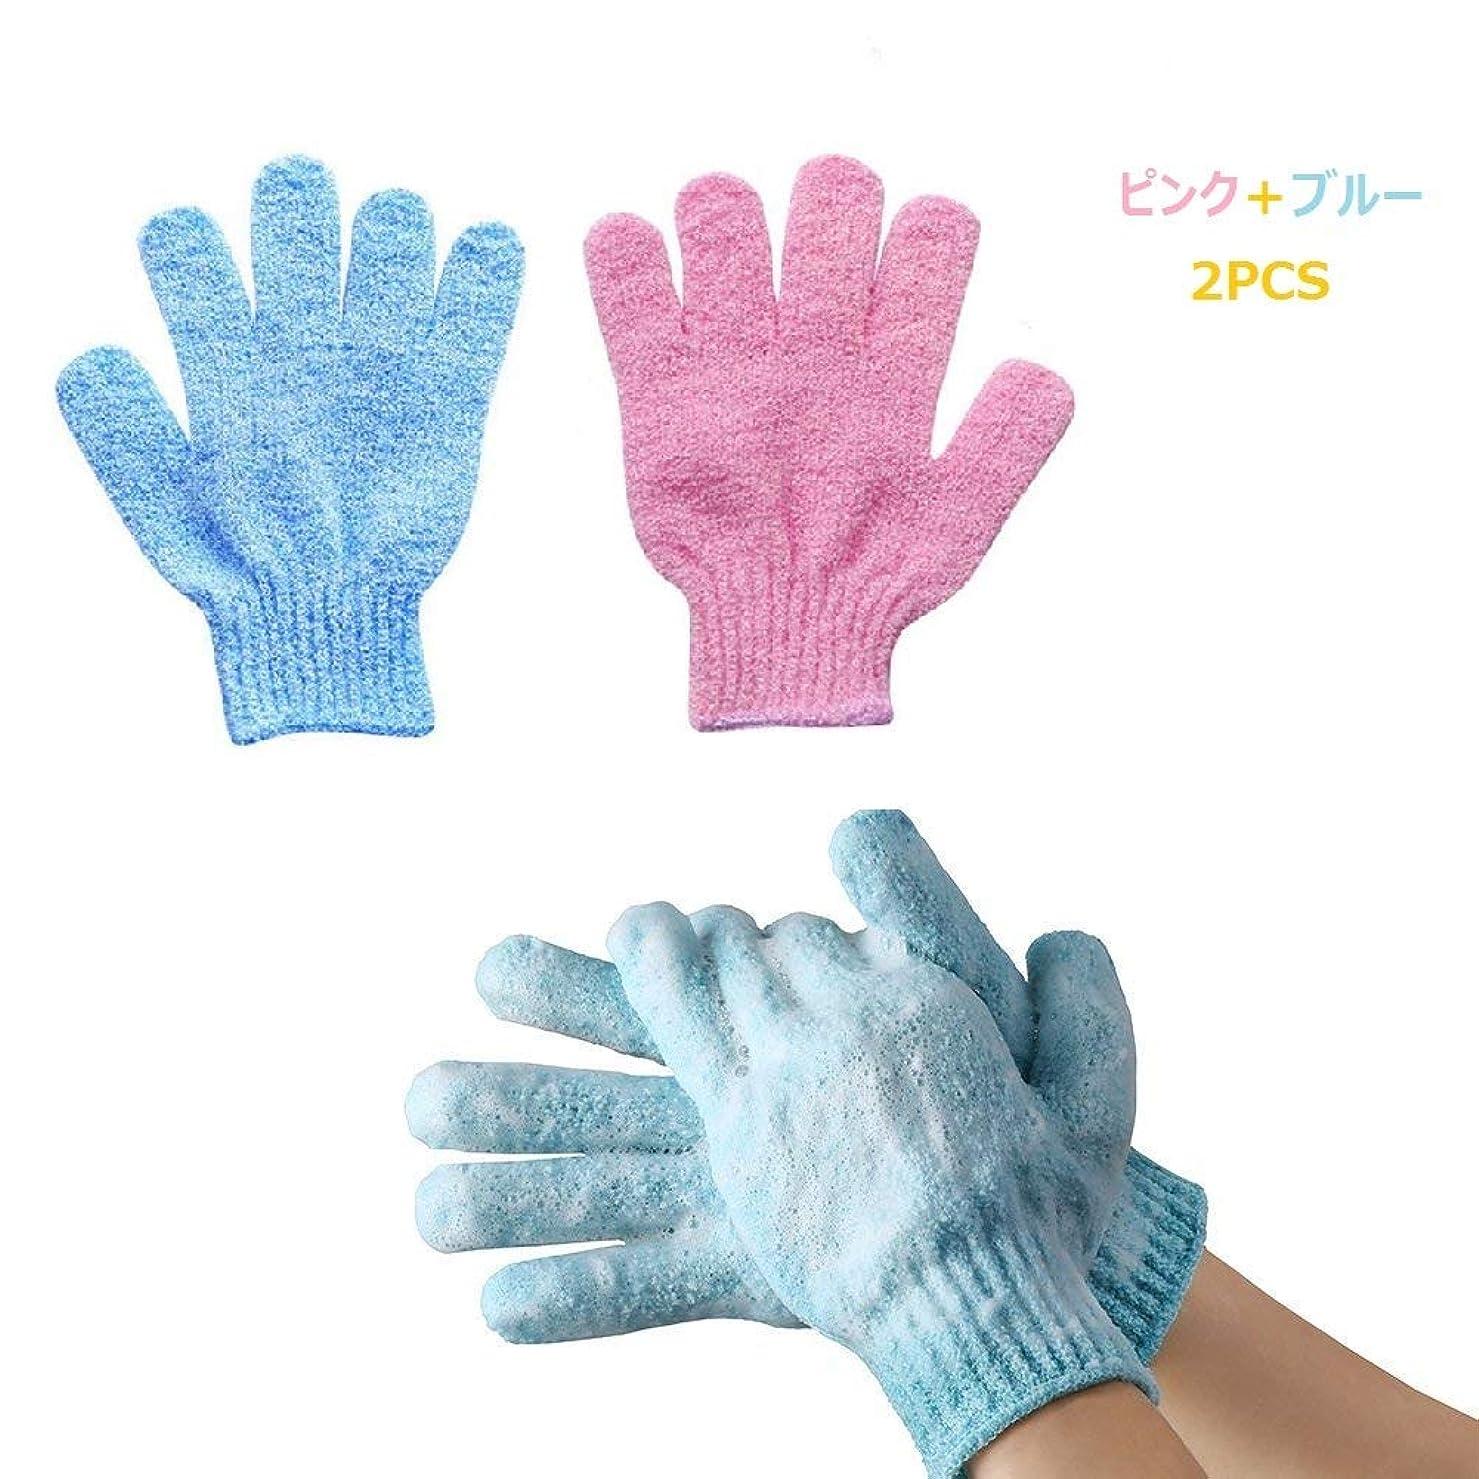 自発離れたいじめっ子ROOFTOPS お風呂手袋 五本指 シャワーグローブ 泡立ち 柔らかい 入浴用品 角質除去 垢すり 2PCS (ピンク+ブルー)